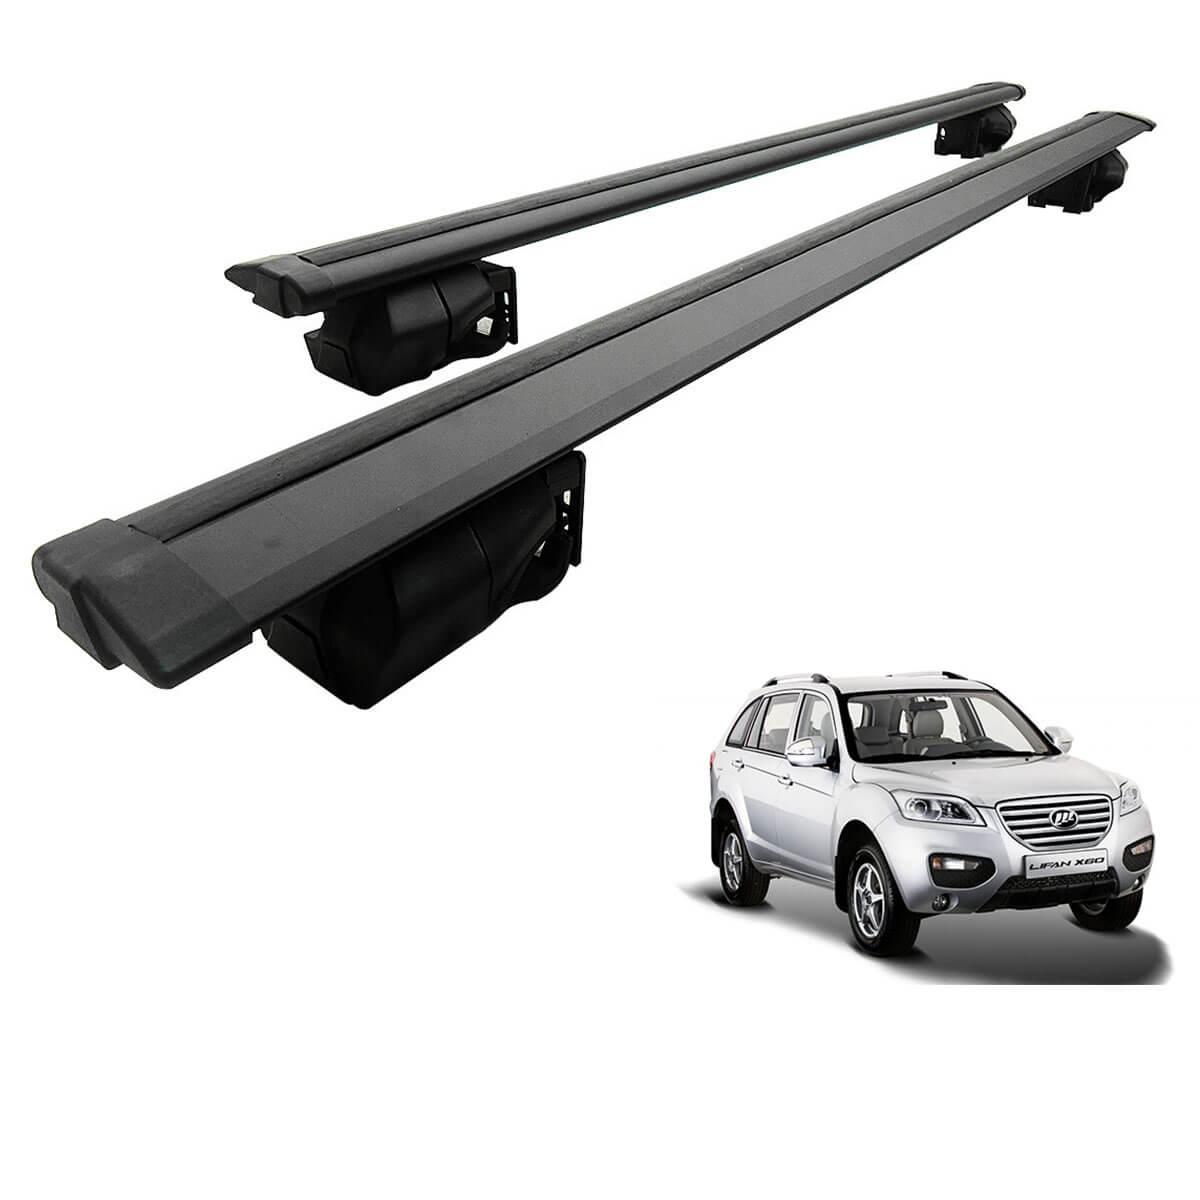 Travessa rack de teto Procargo preta Lifan X60 2013 a 2017 com trava de segurança